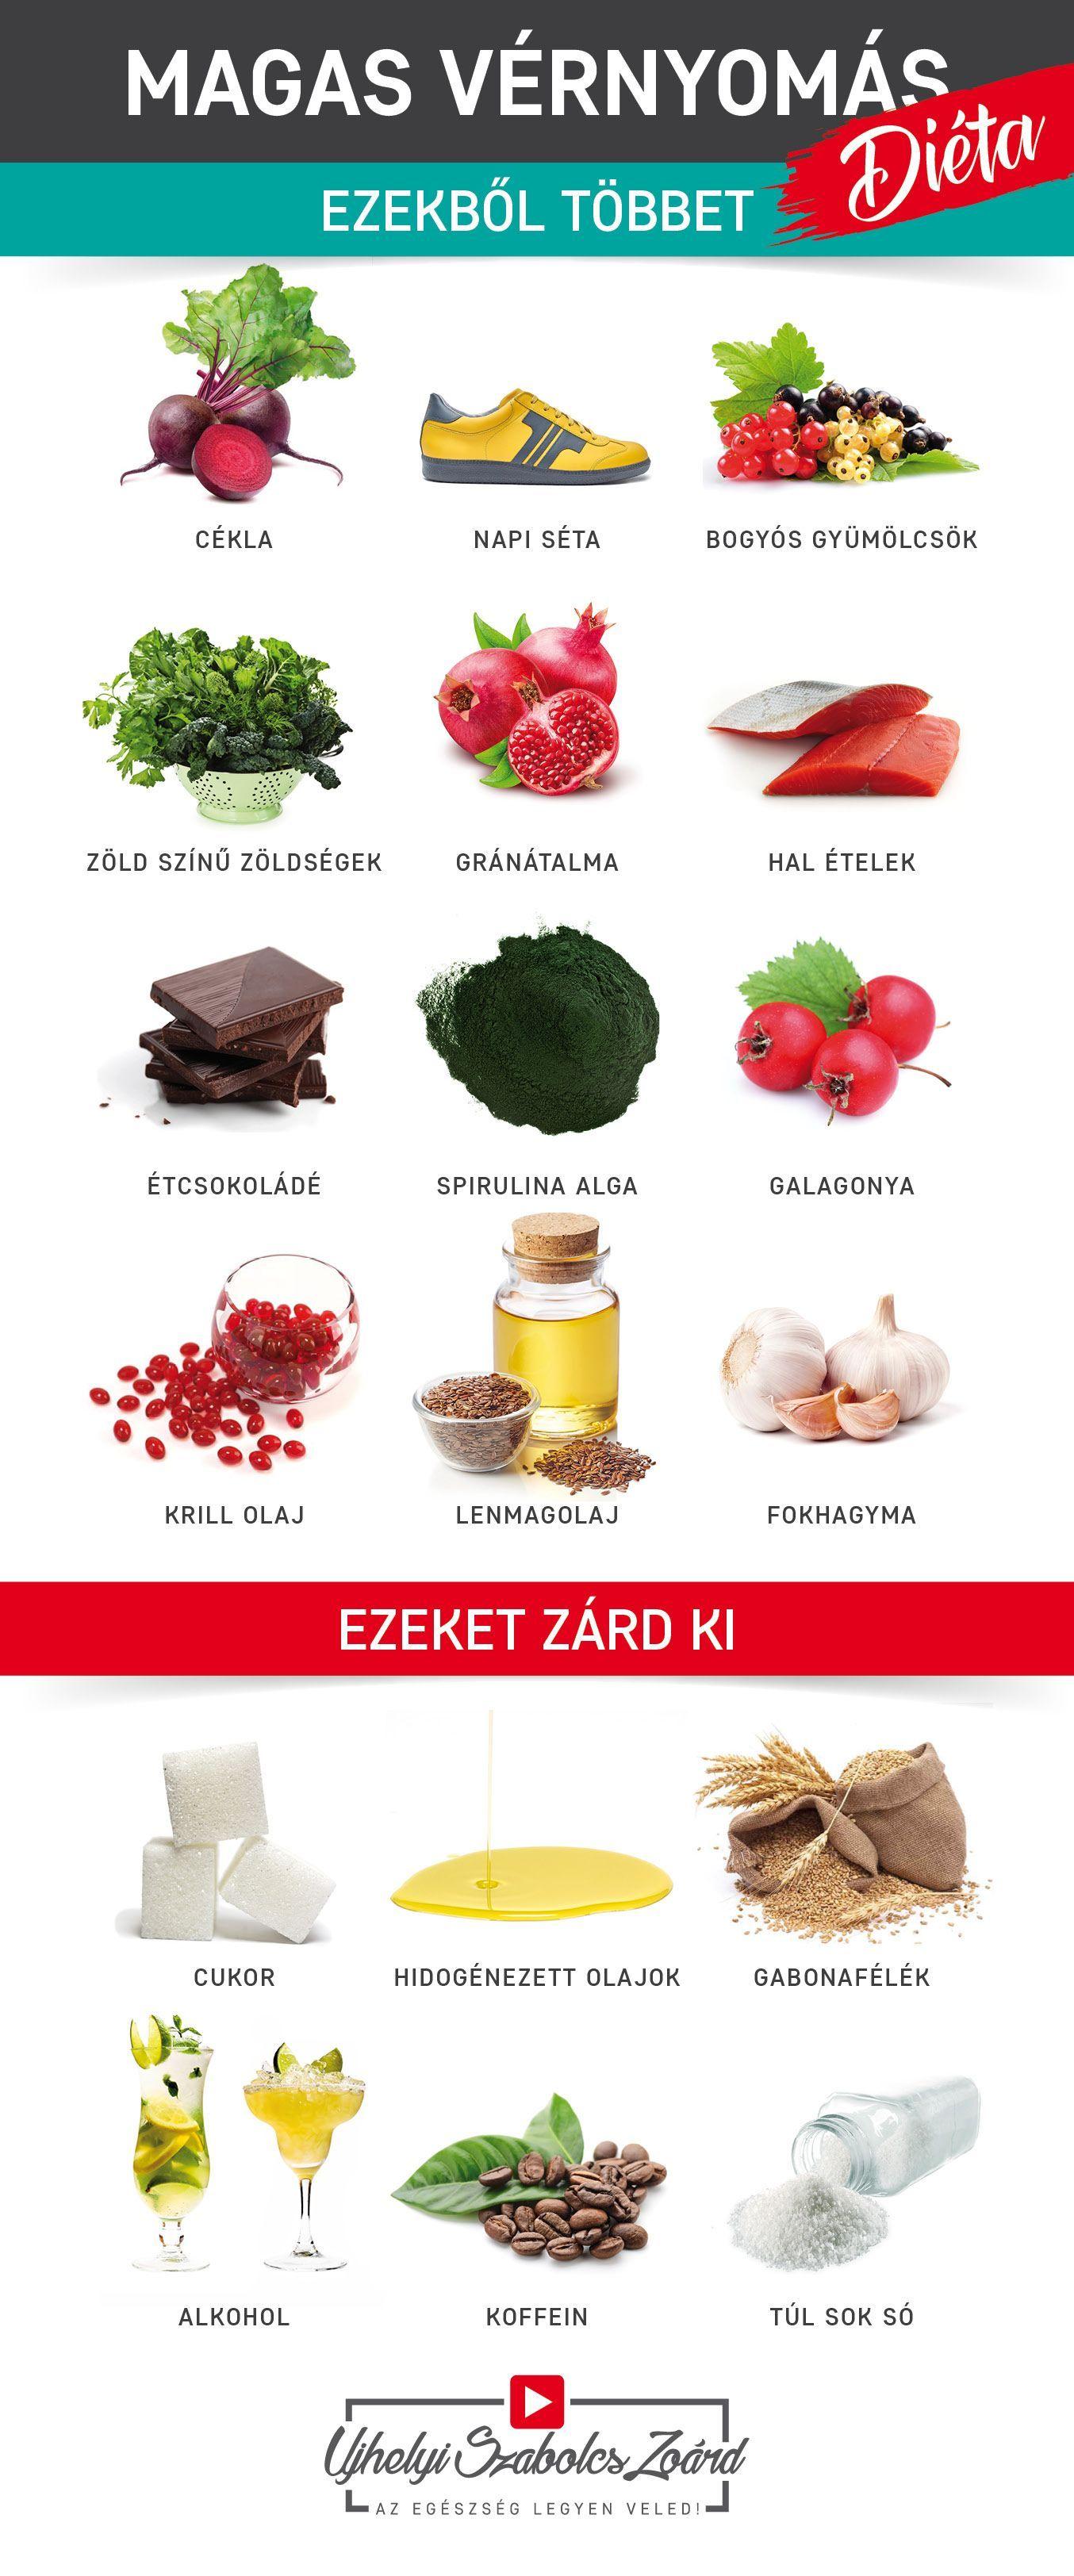 magas vérnyomás és a nyers étel diéta hogyan gyógyították meg az emberek a magas vérnyomást